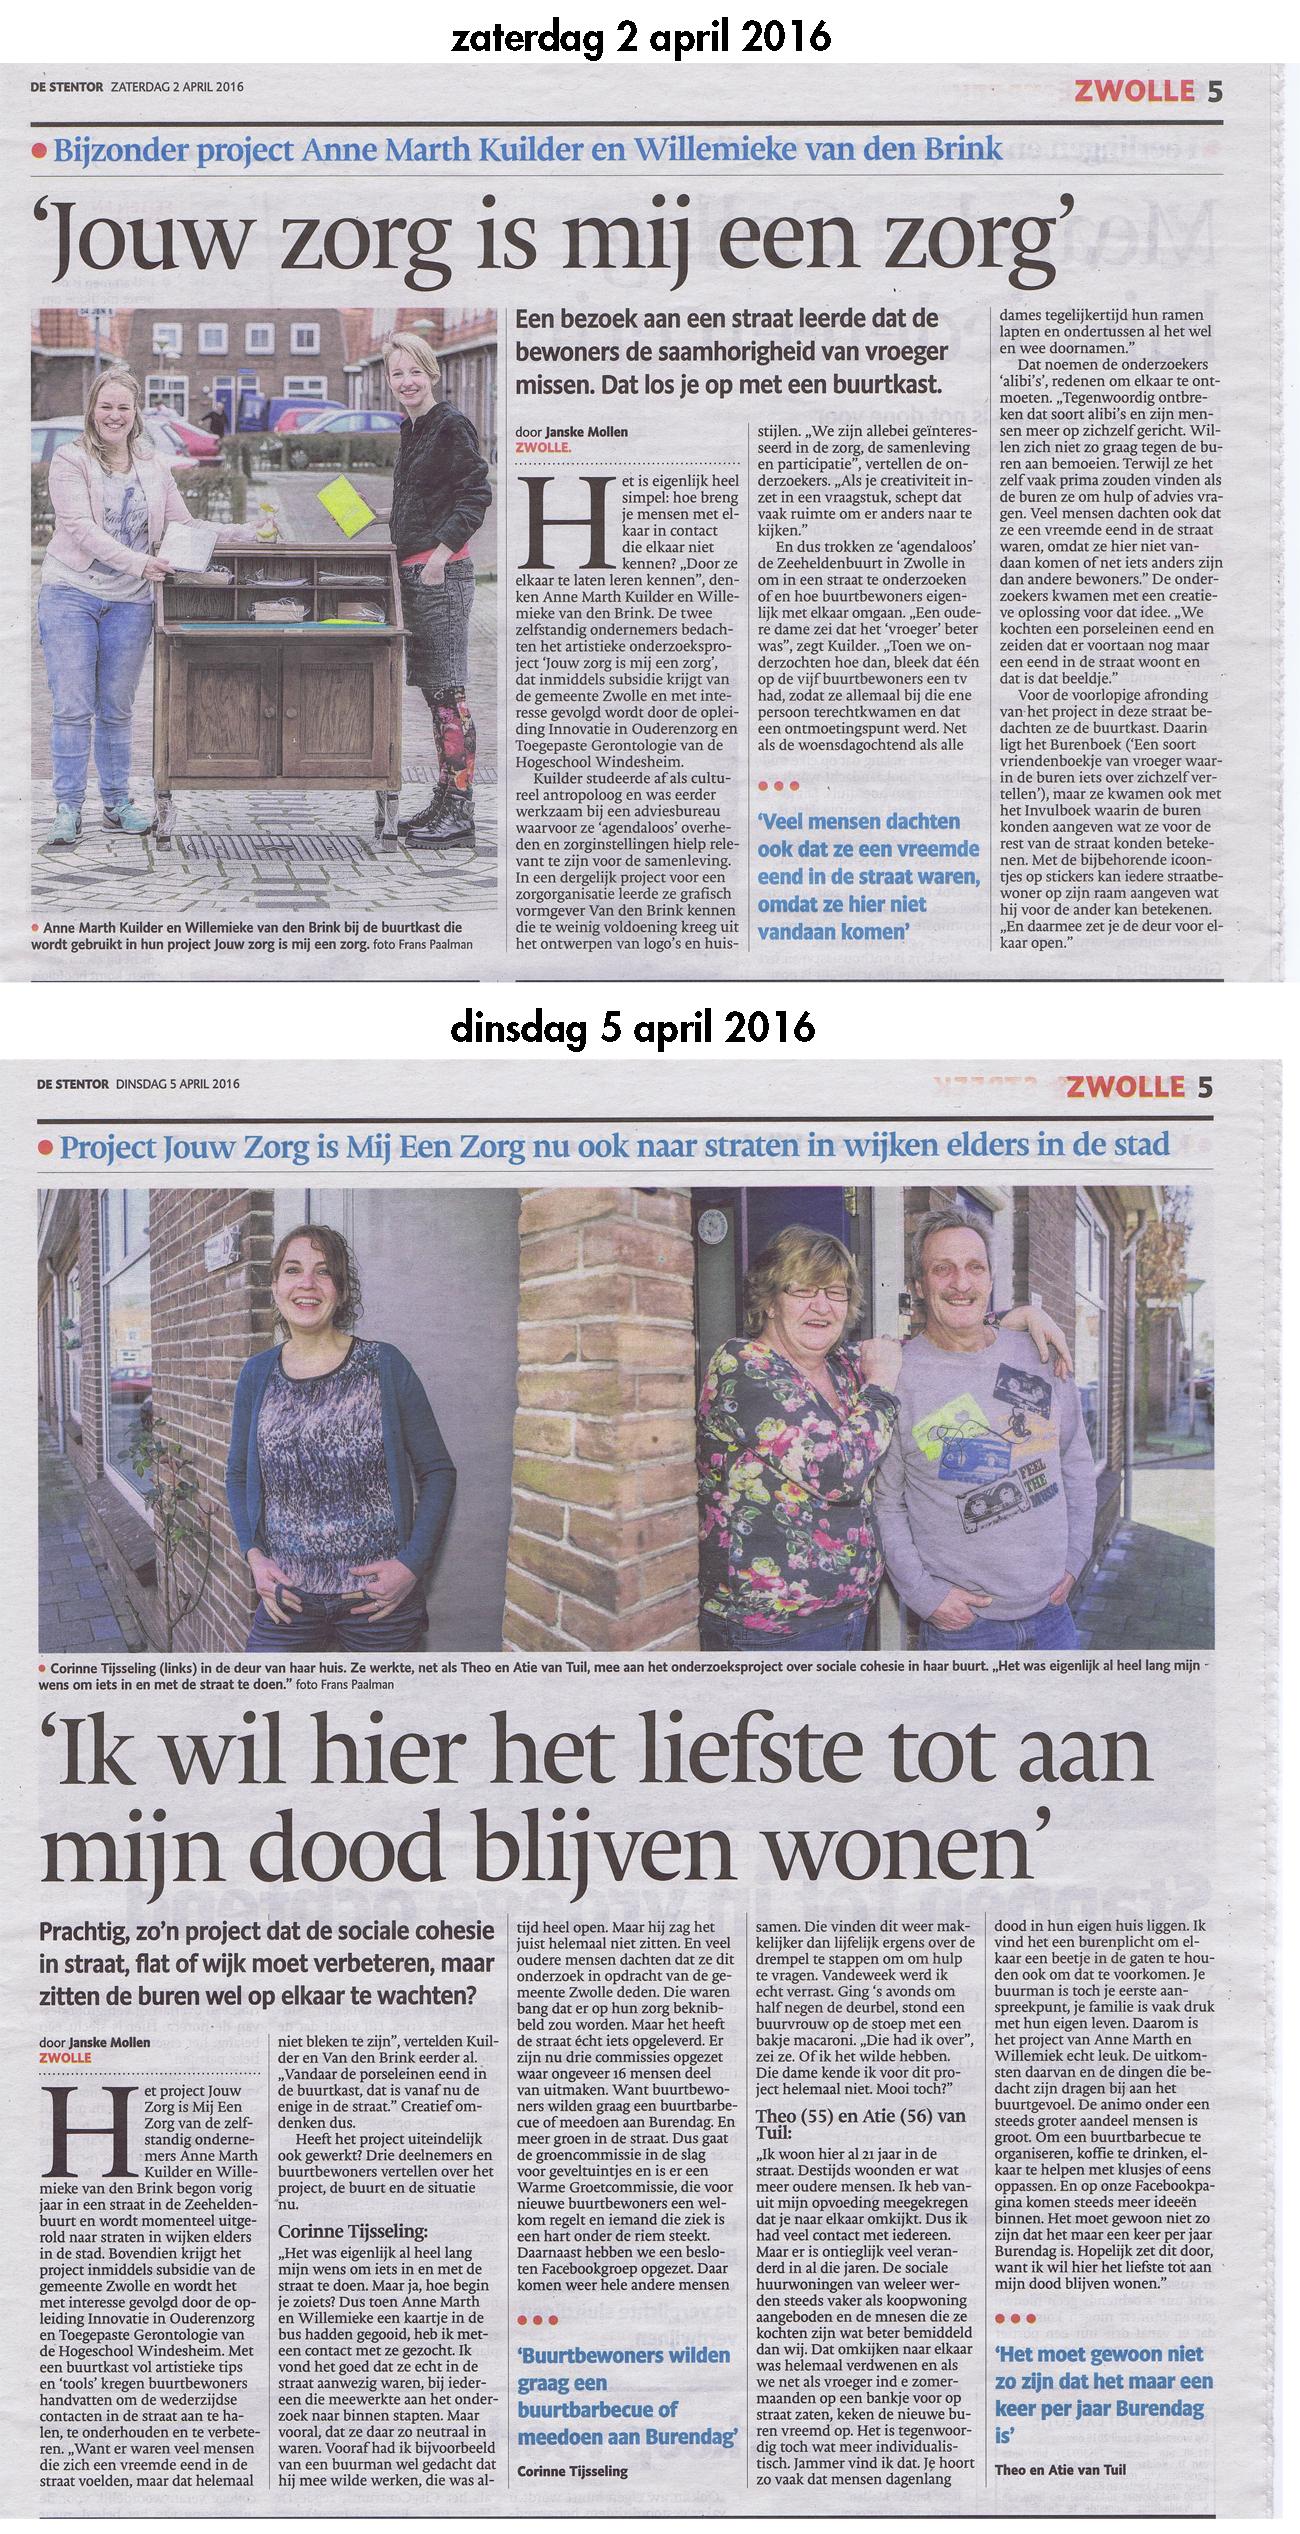 Stentor Zwolle Echterontwerp Wiillemiekevandenbrink AnneMarthKuilder